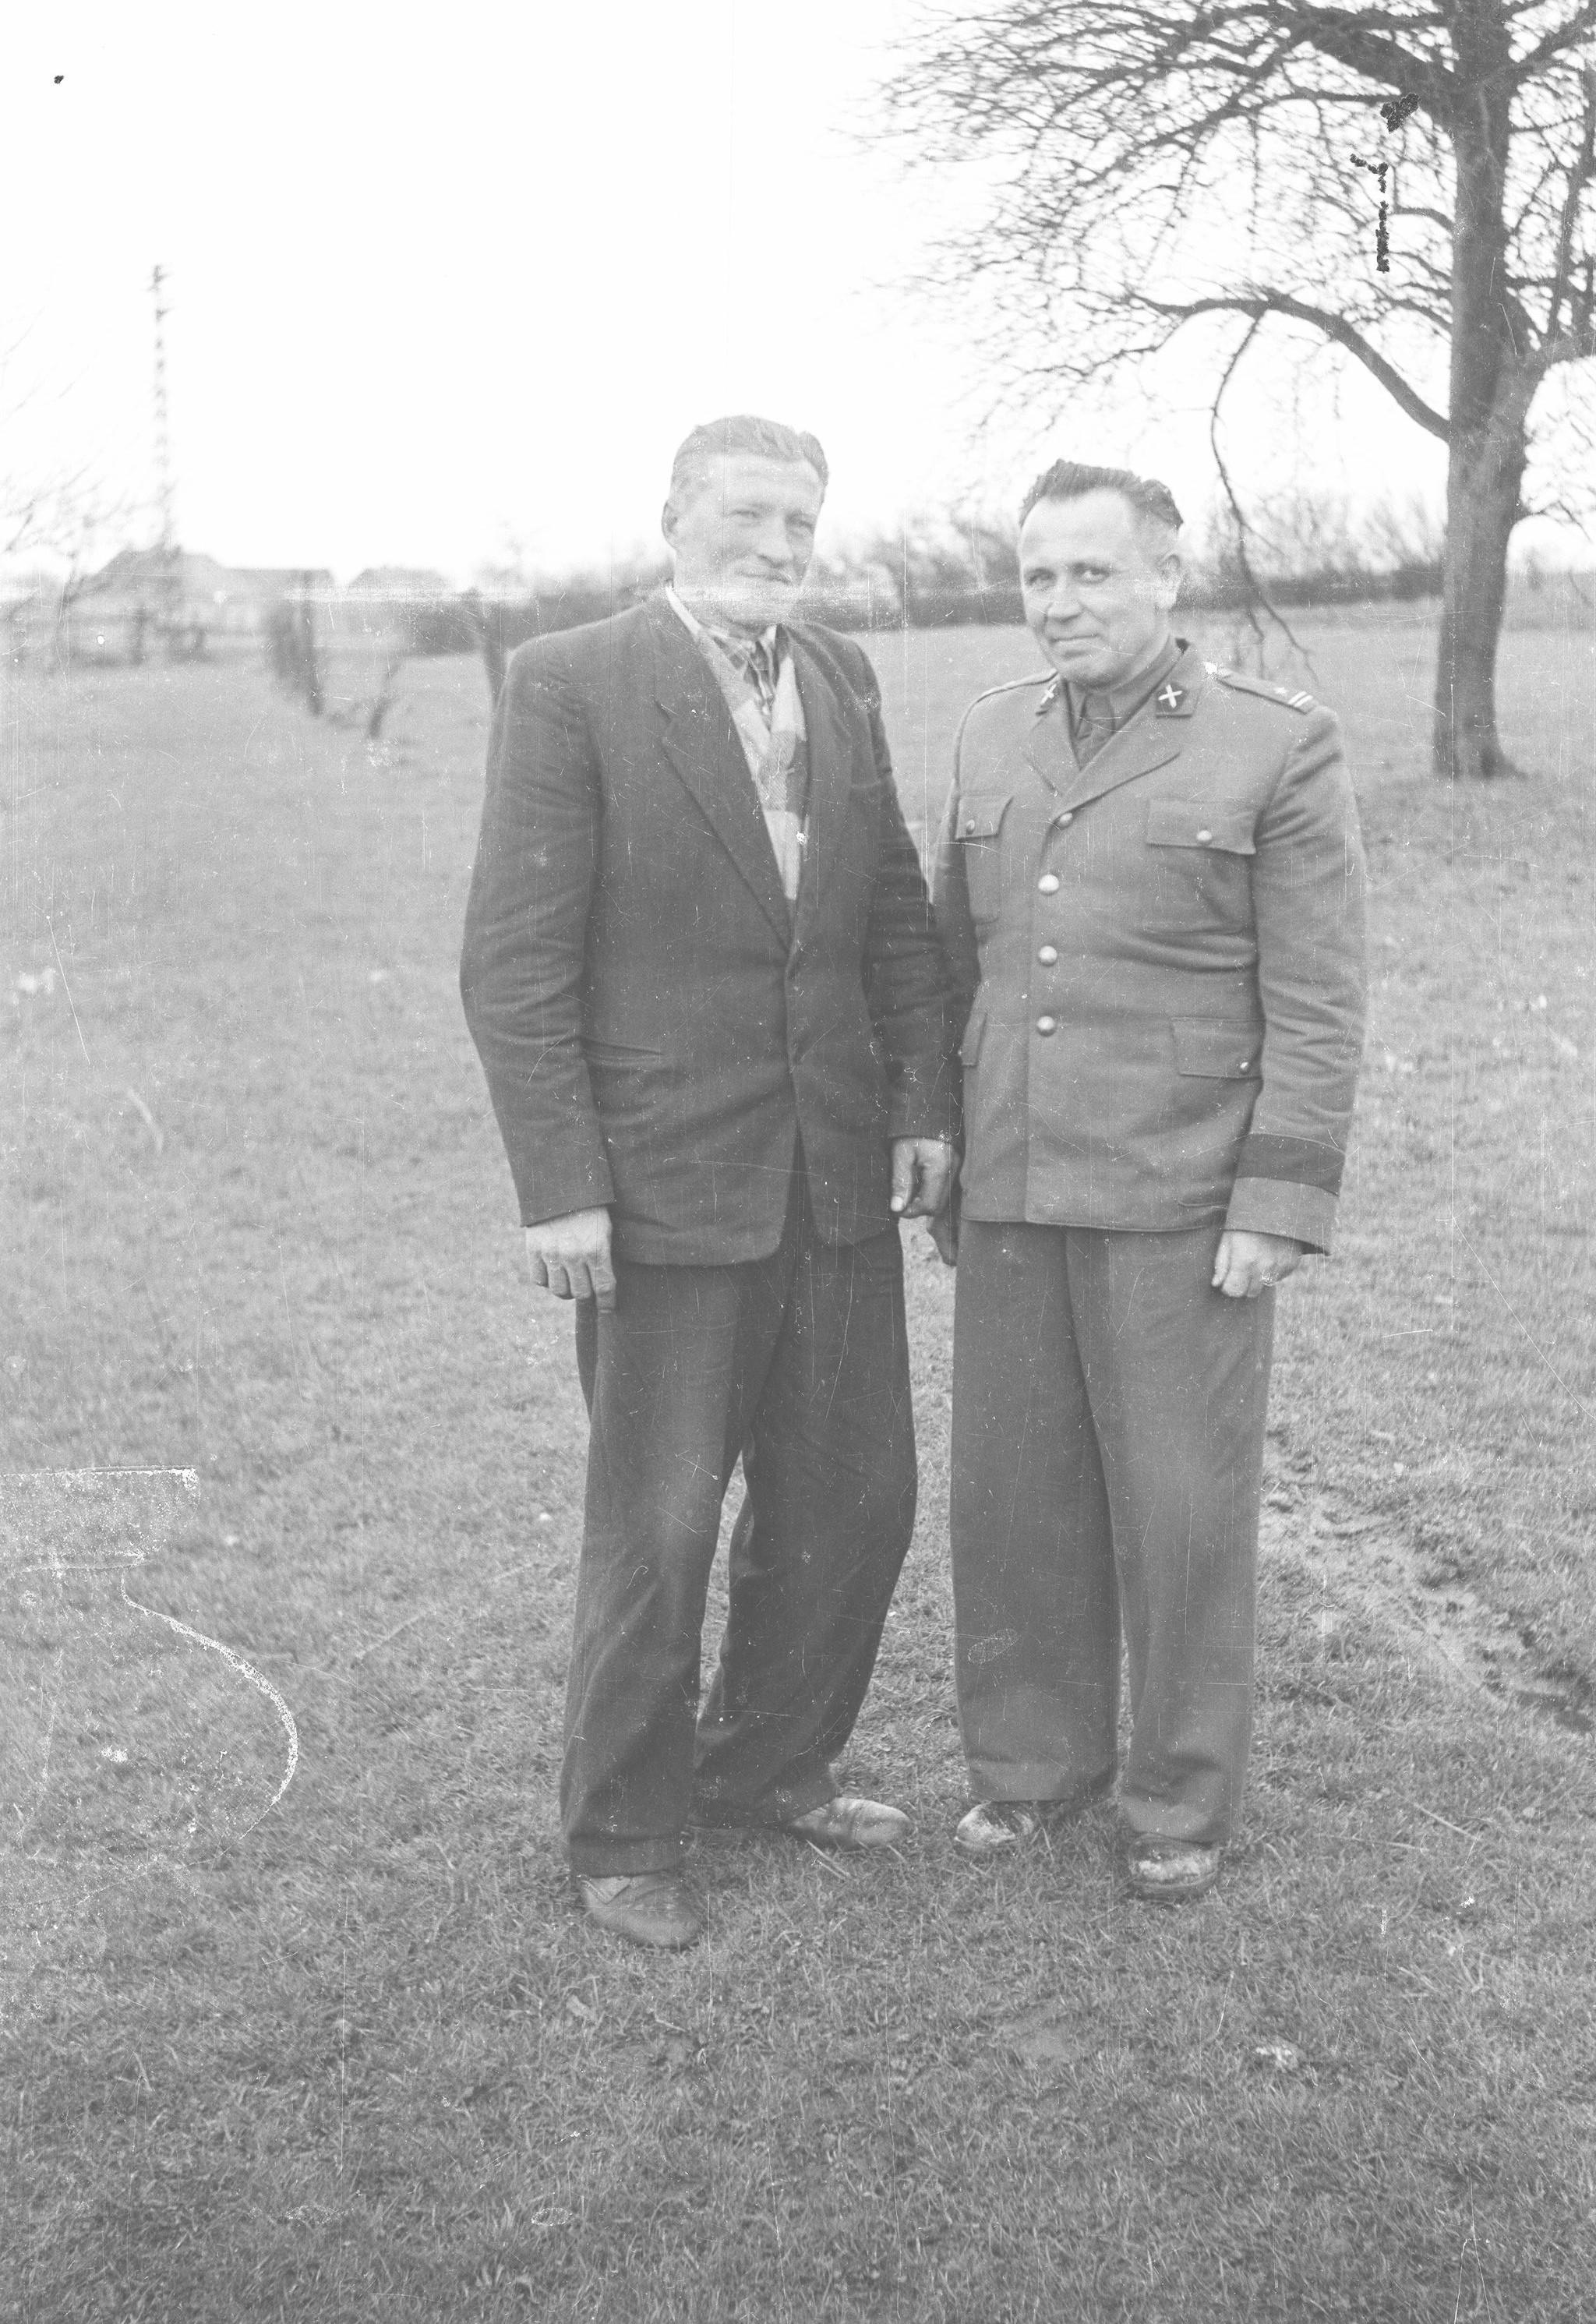 Od lewej: Franciszek i Jan Czyżowicze, Strupina, Dolny Śląsk, lata 50. XX w.